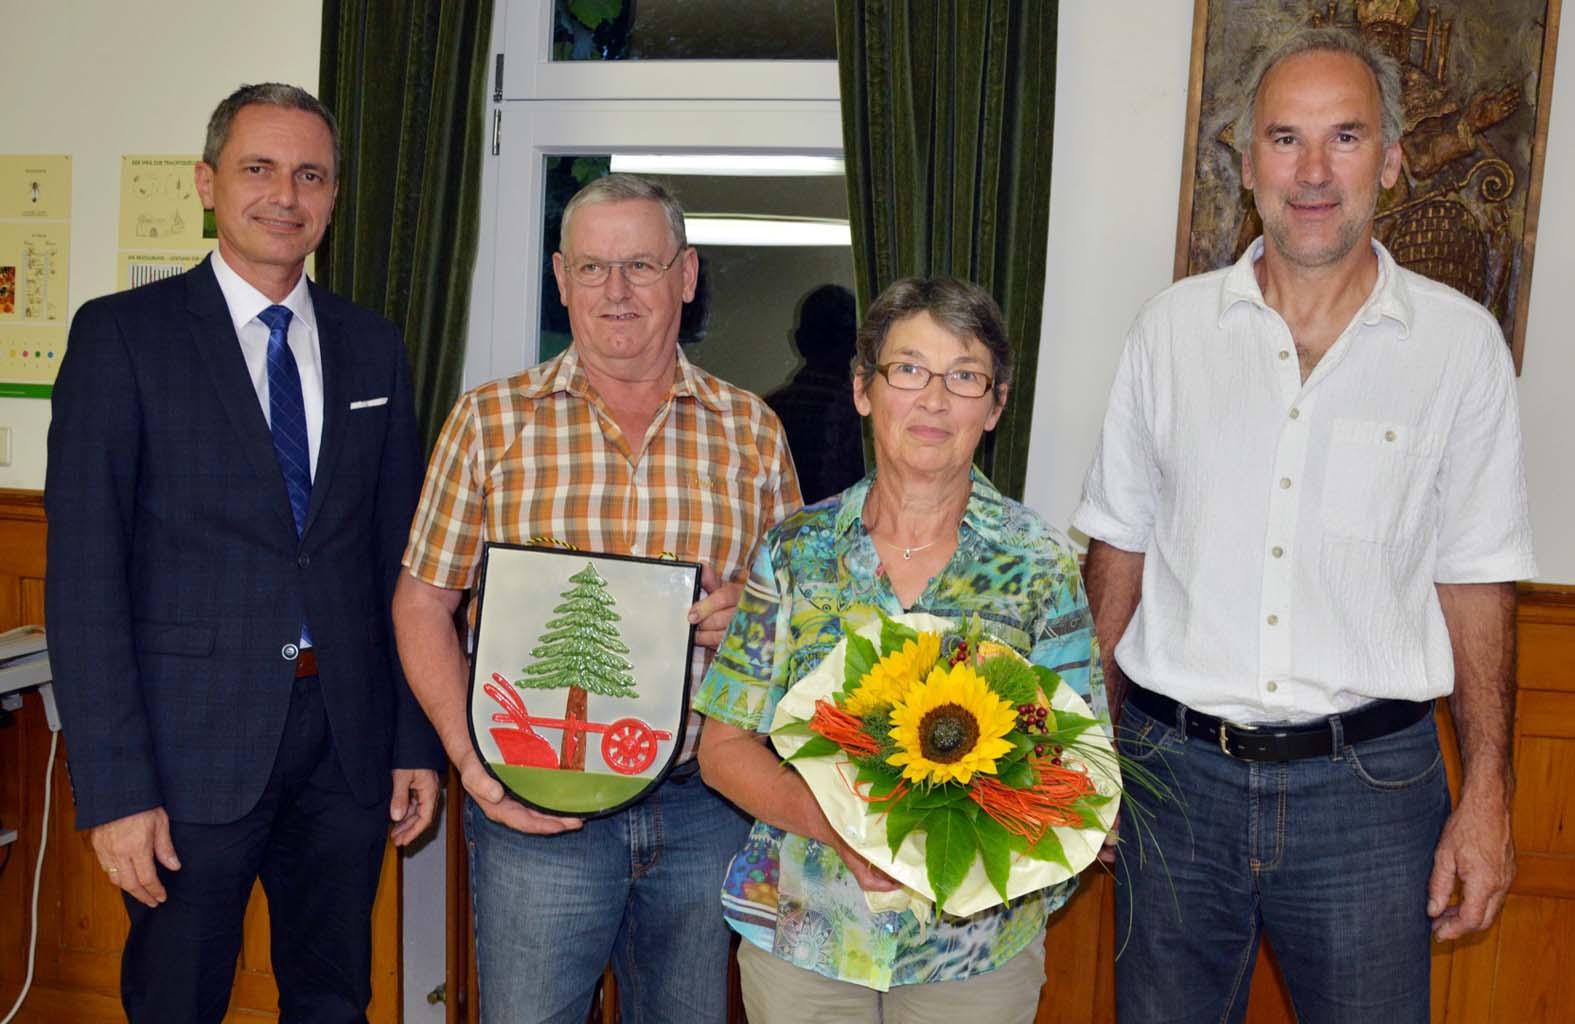 2019-7-19-ZE-OE-hps-Ortschaftsrat Oberentersbach-Verabschiedung-DSC_8377 2